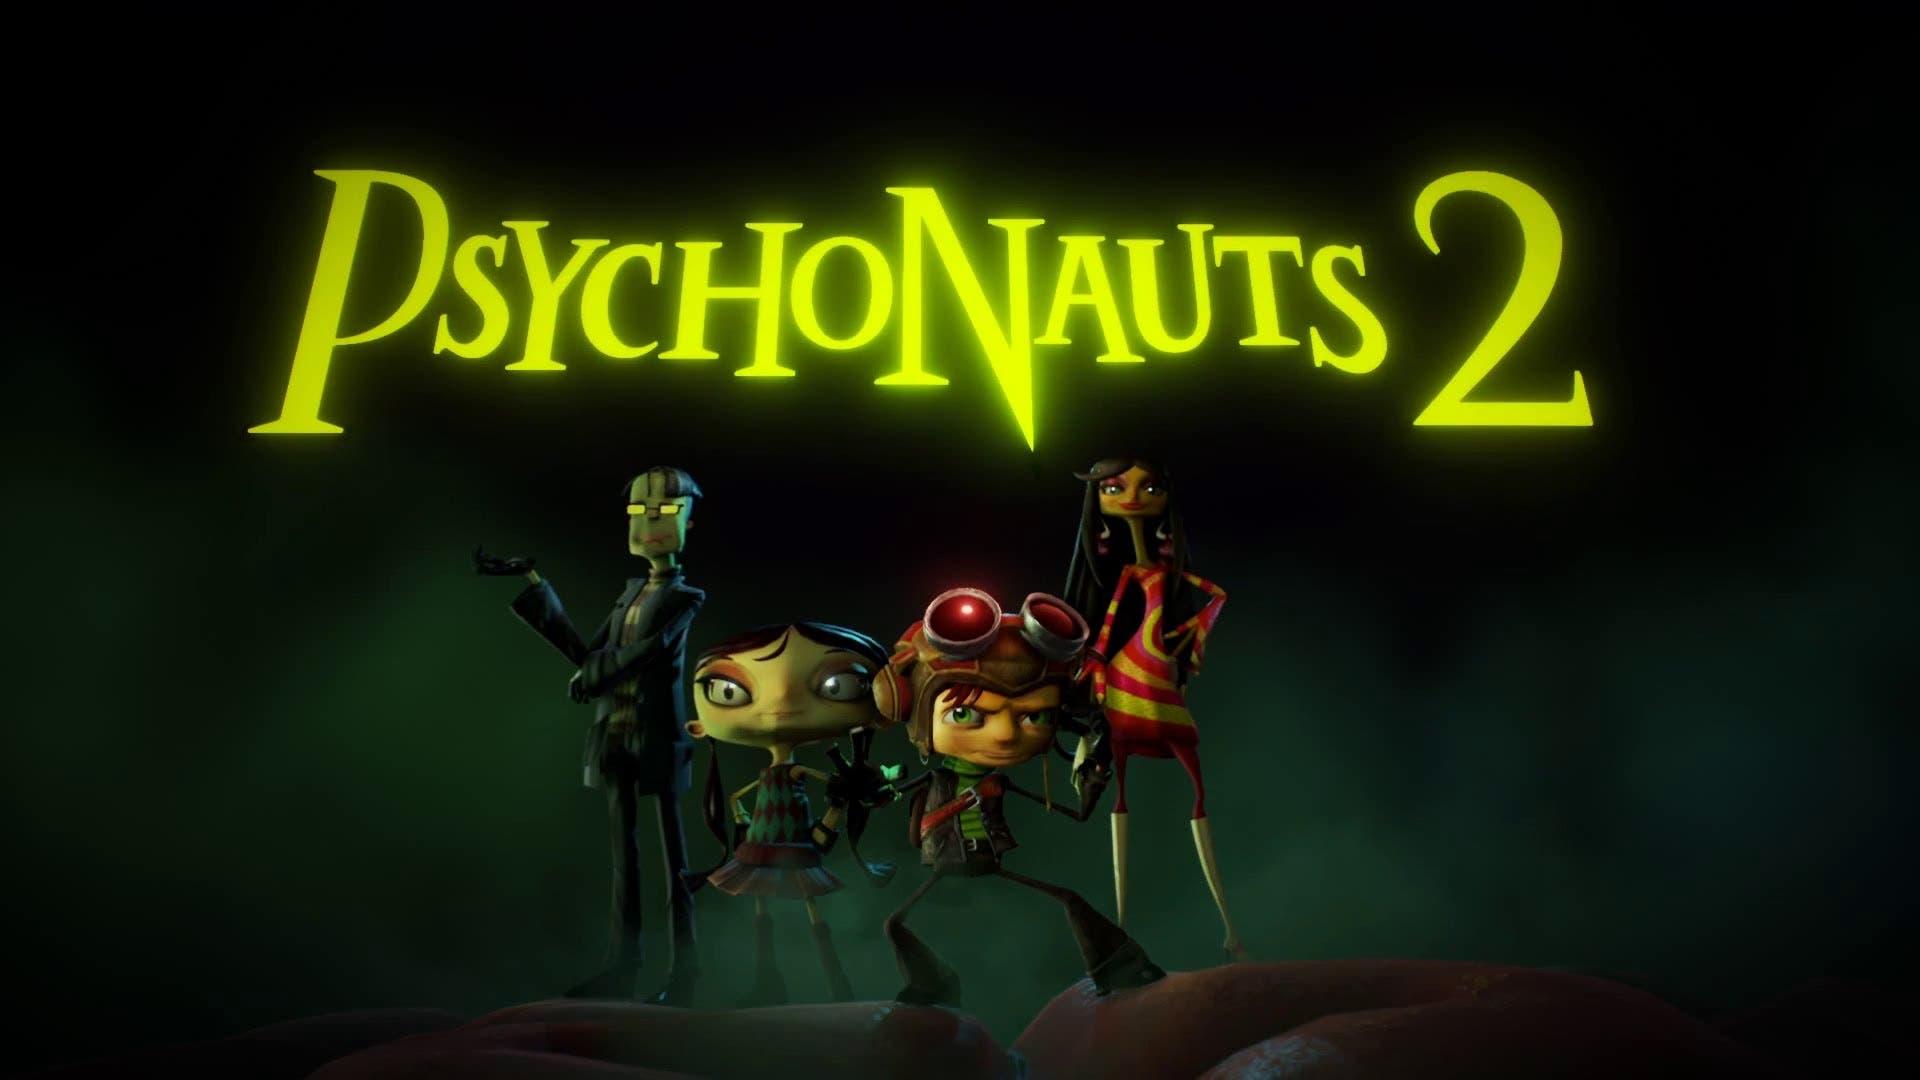 Double Fine muestra nuevas imágenes de Psychonauts 2 6